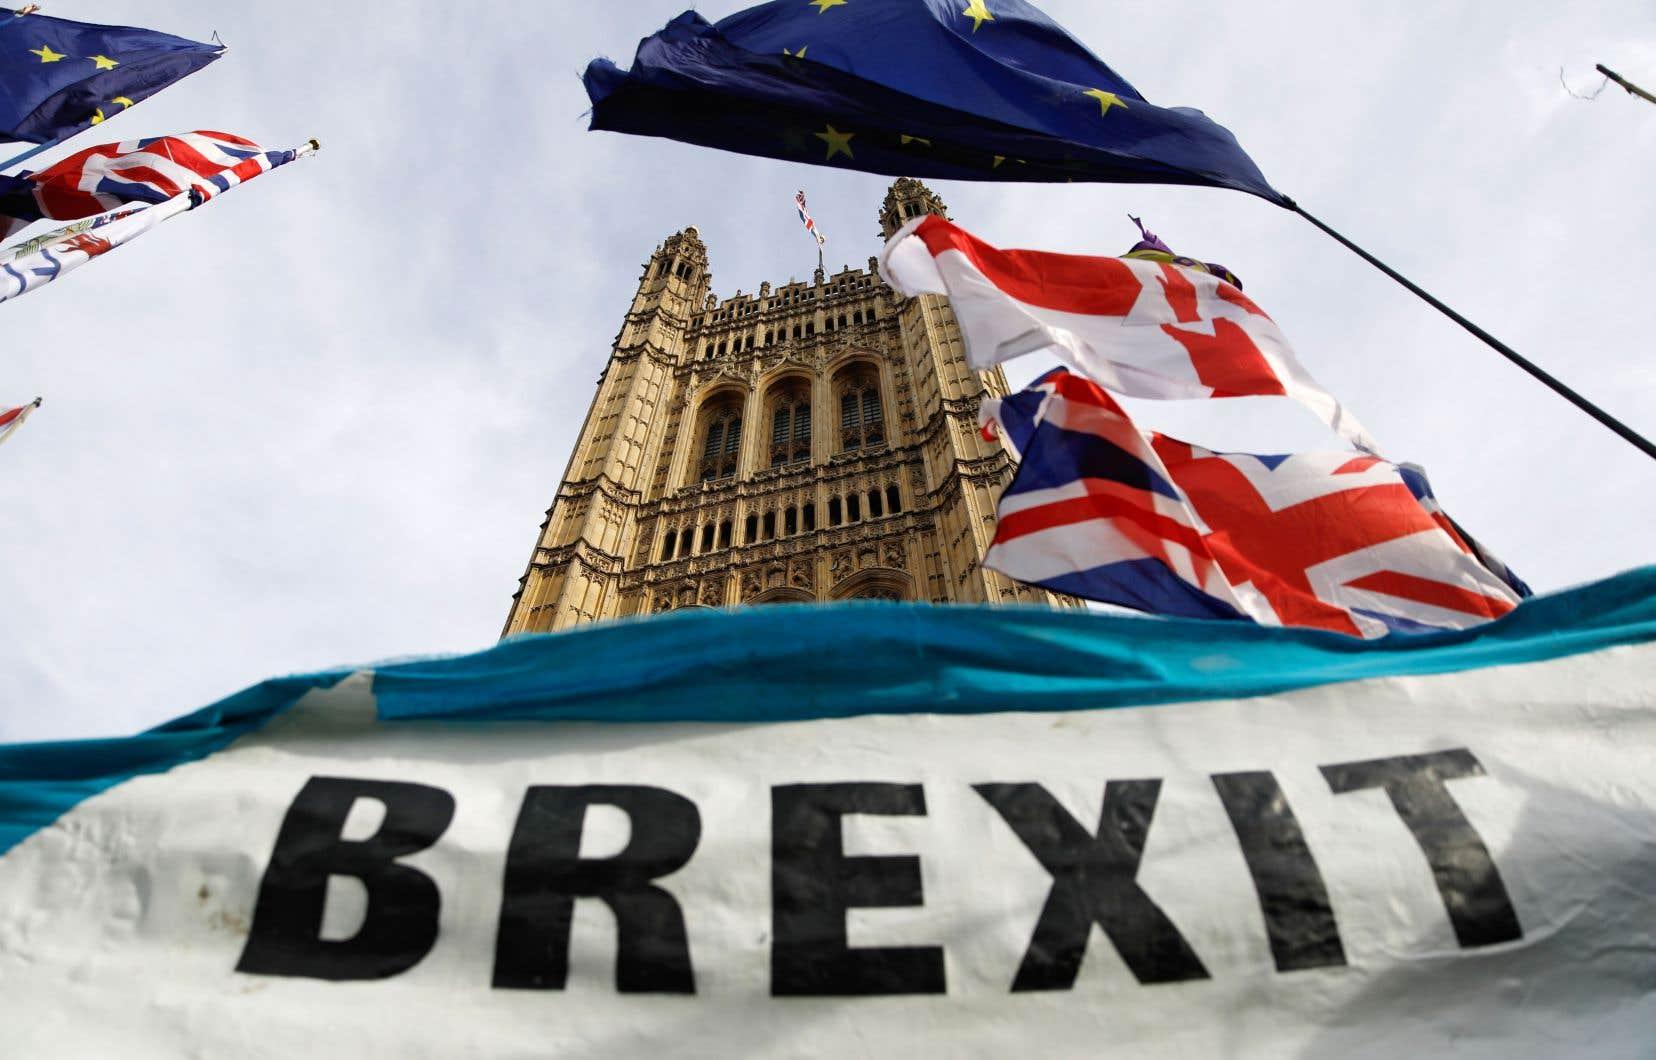 Le camp conservateur de Boris Johnson mise sur la lassitude des Britanniques pour aller chercher une majorité à Westminster et sortir de l'impasse du Brexit.